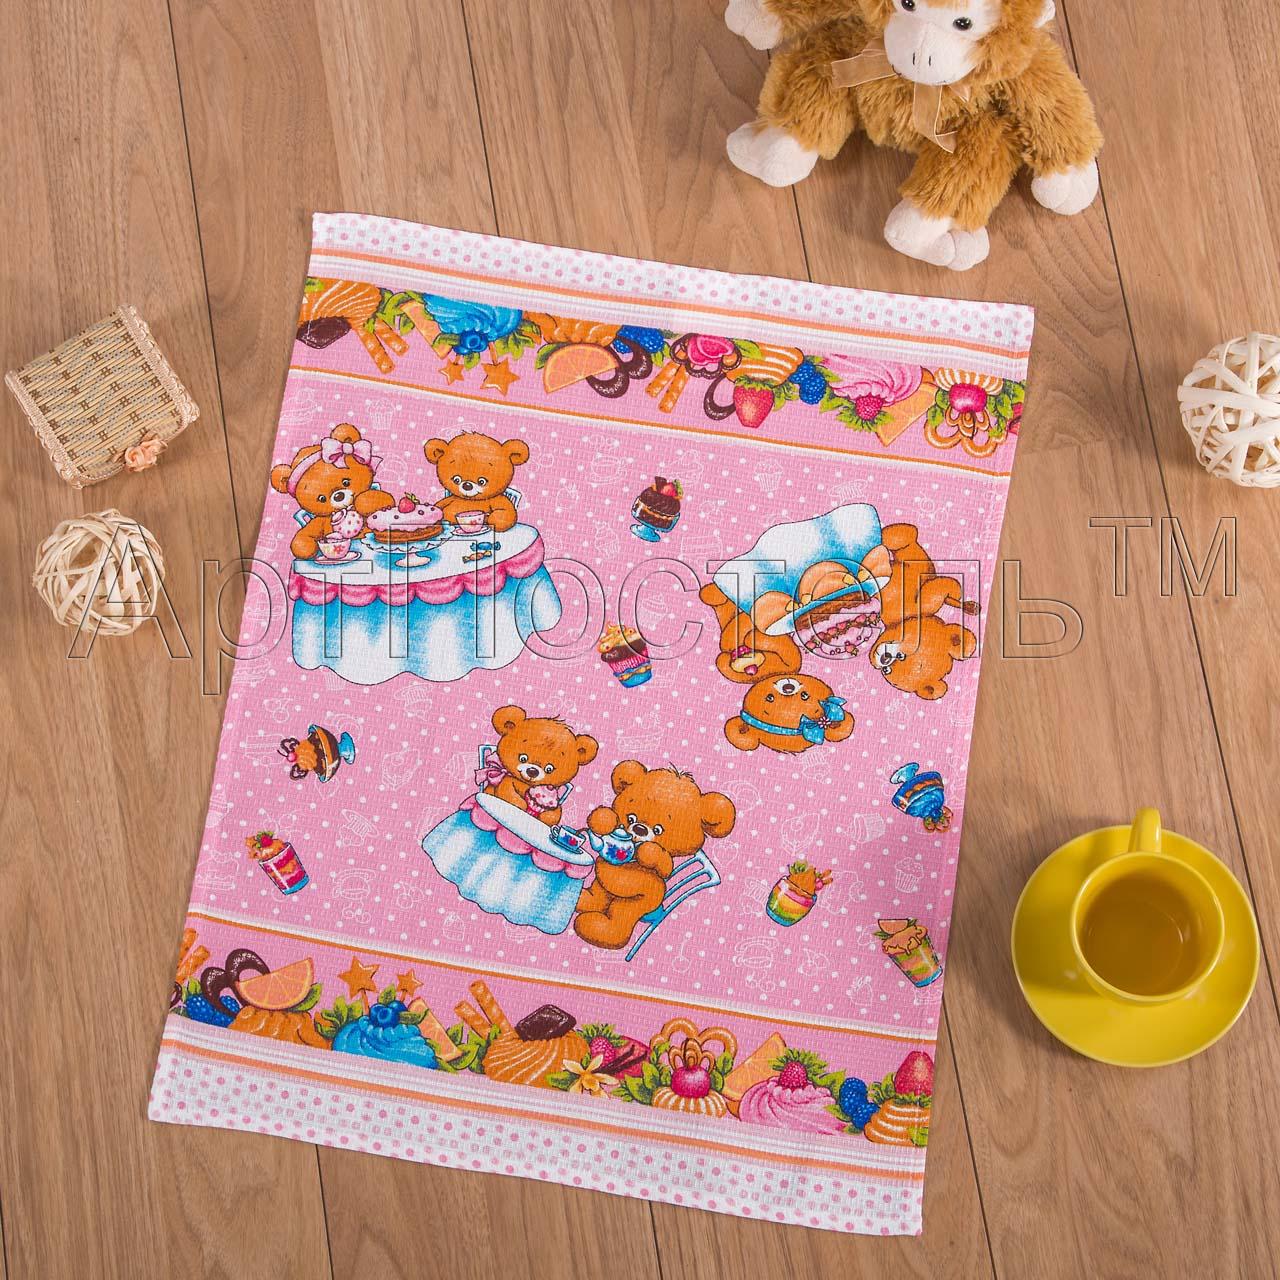 Вафельное полотенце Сладкоежка р. 45х60Вафельные полотенца<br>Плотность: 160 г/кв. м<br><br>Тип: Вафельное полотенце<br>Размер: 45х60<br>Материал: Вафельное полотно